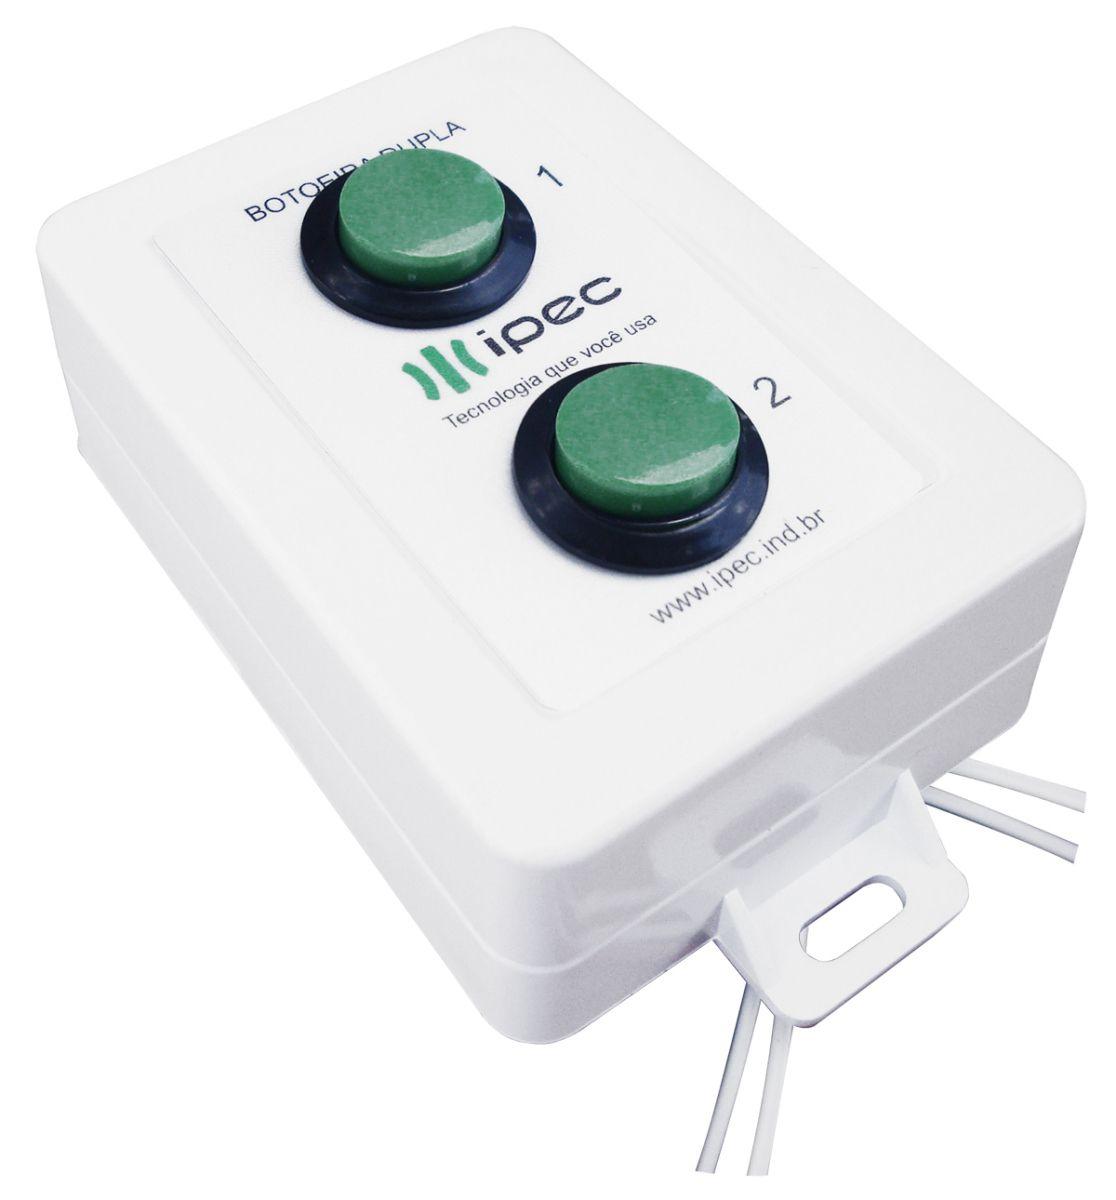 Botoeira Dupla com Fio IPEC Bot2